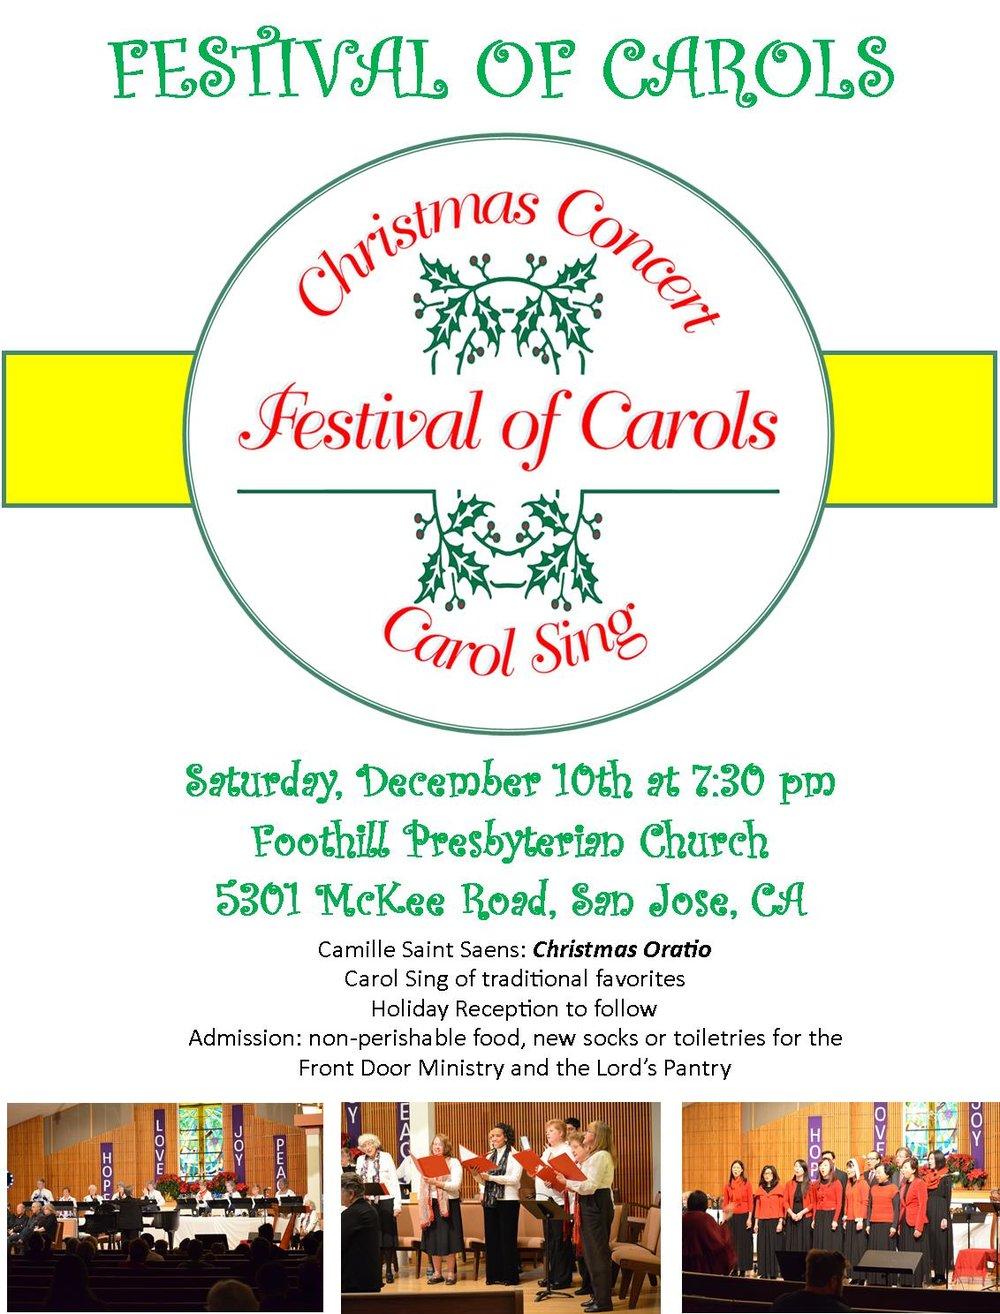 FOC 2016 flyer.jpg  sc 1 st  Foothill Presbyterian Church & Festival of Carols 2016 \u2014 Foothill Presbyterian Church